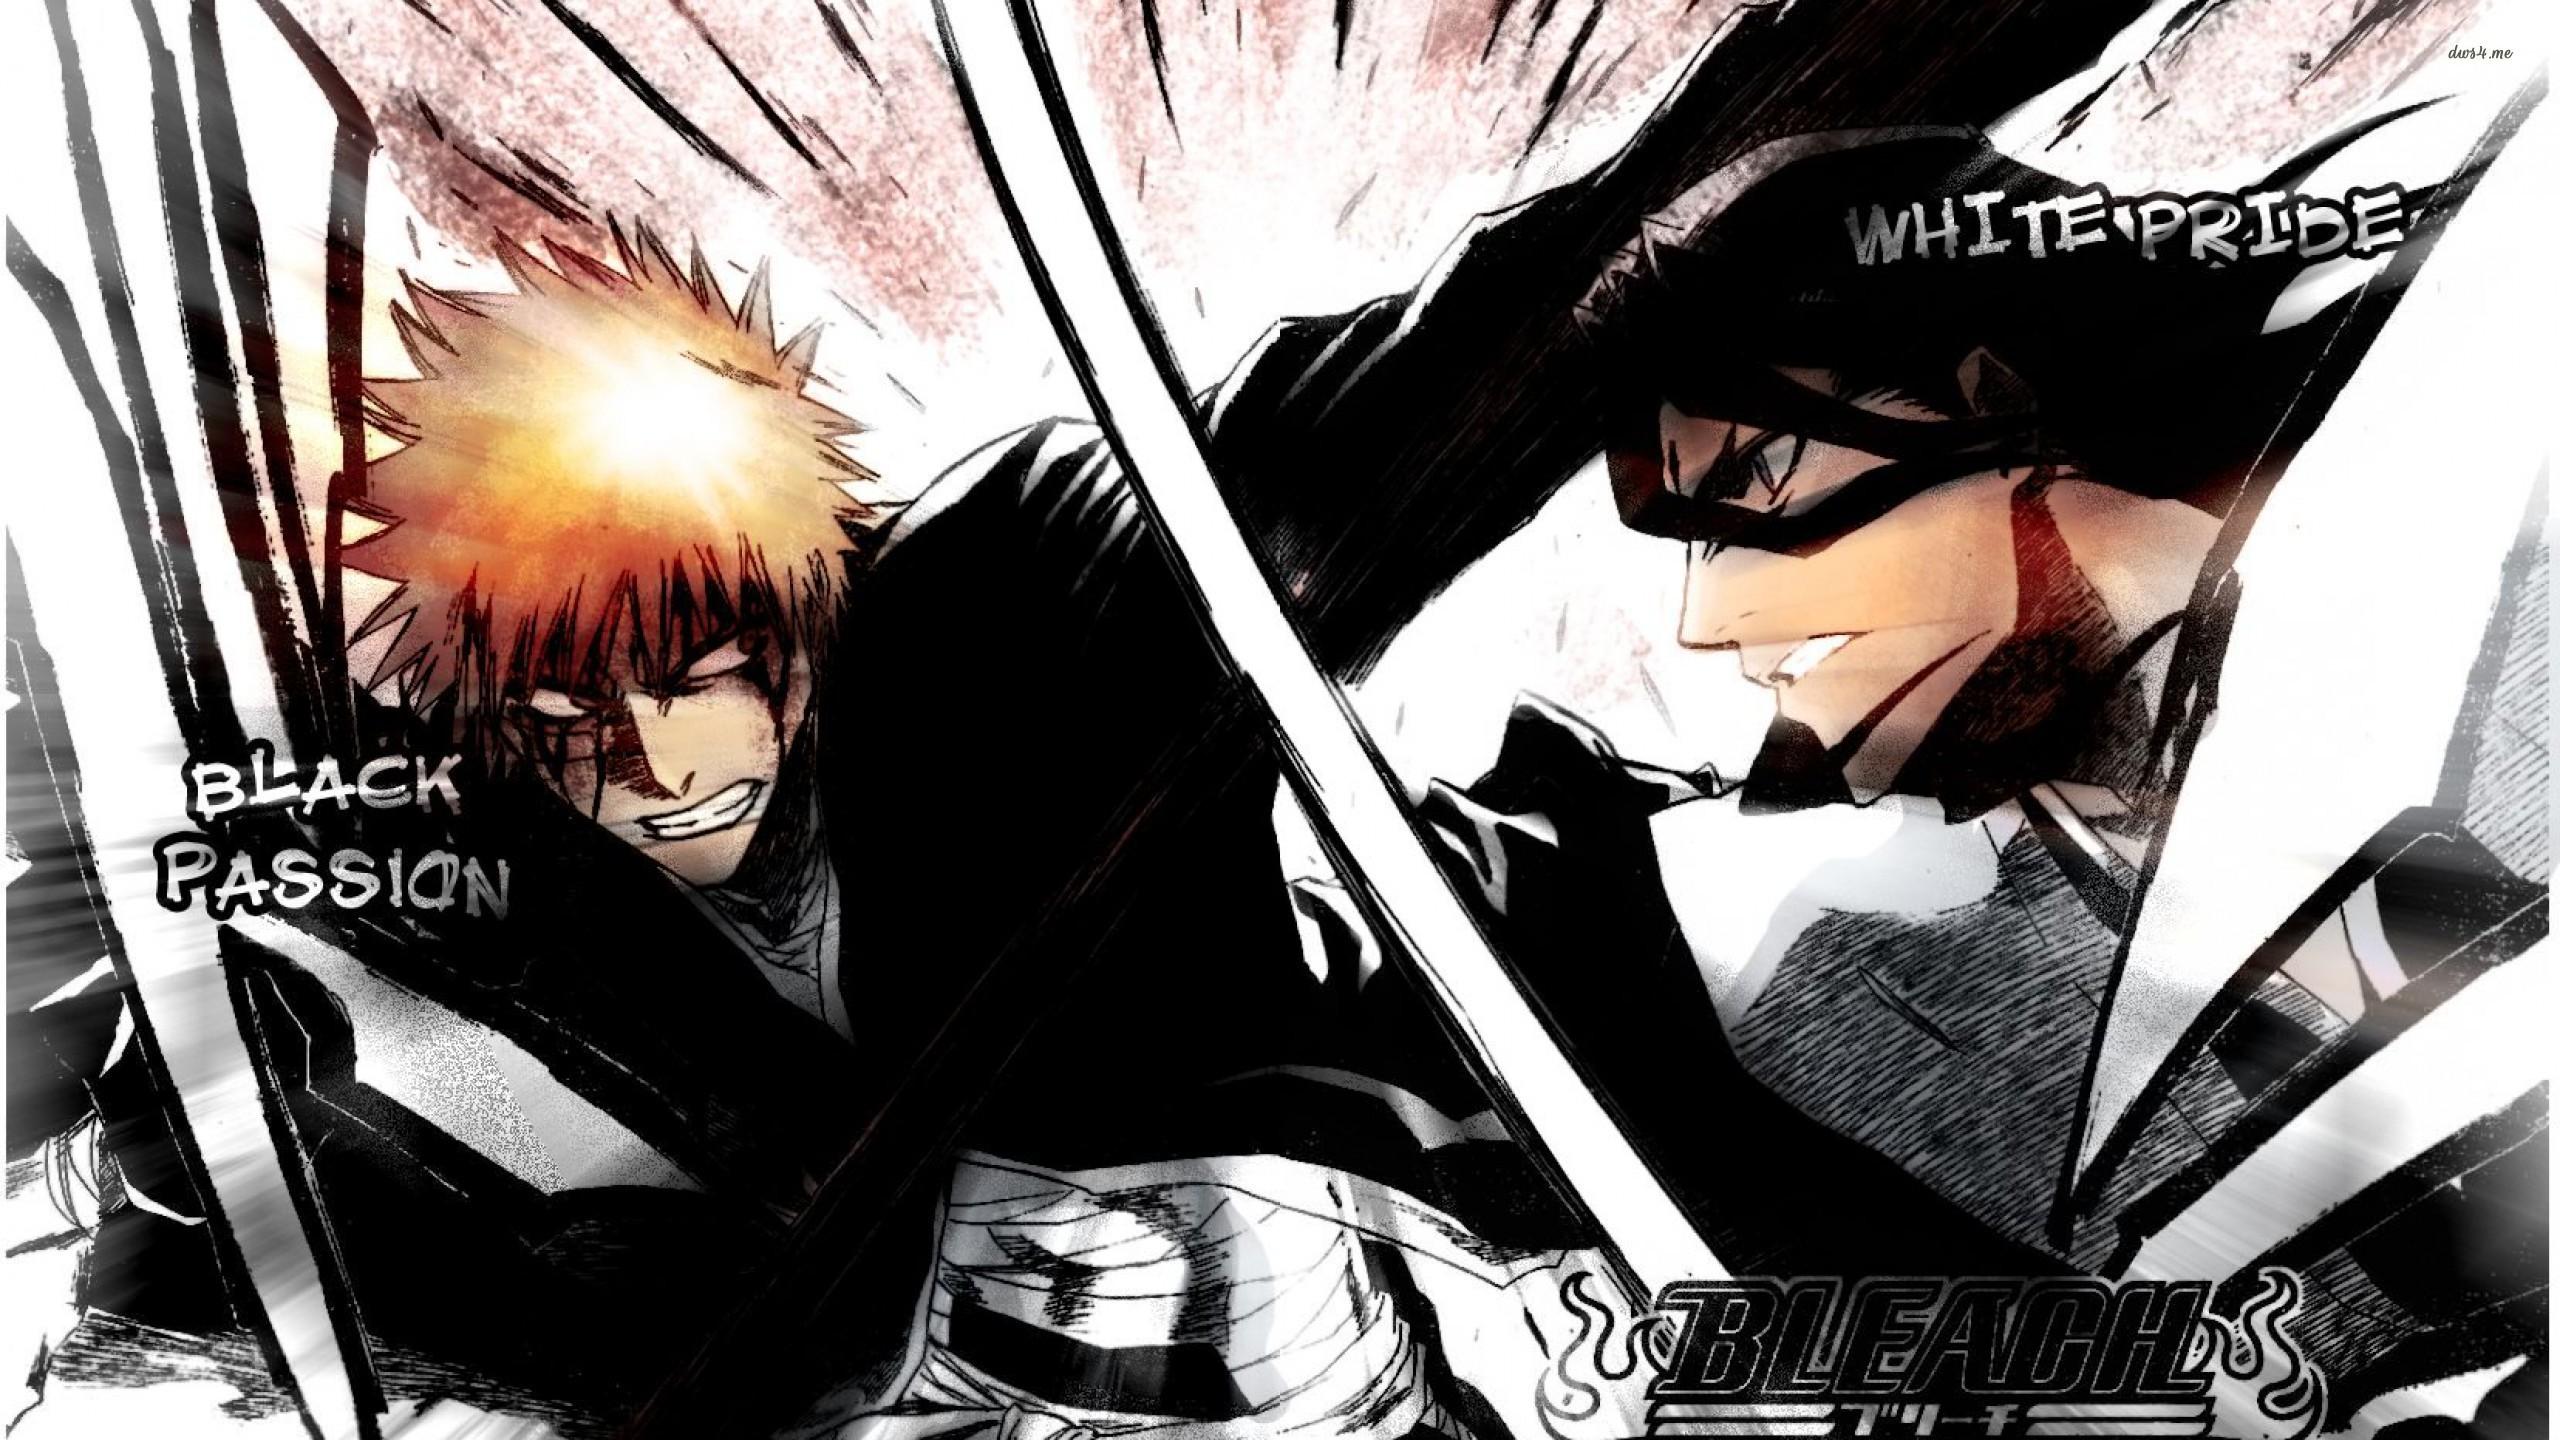 Res: 2560x1440, Bleach - Byakuya Kuchik and Ichigo Kurosaki fighting